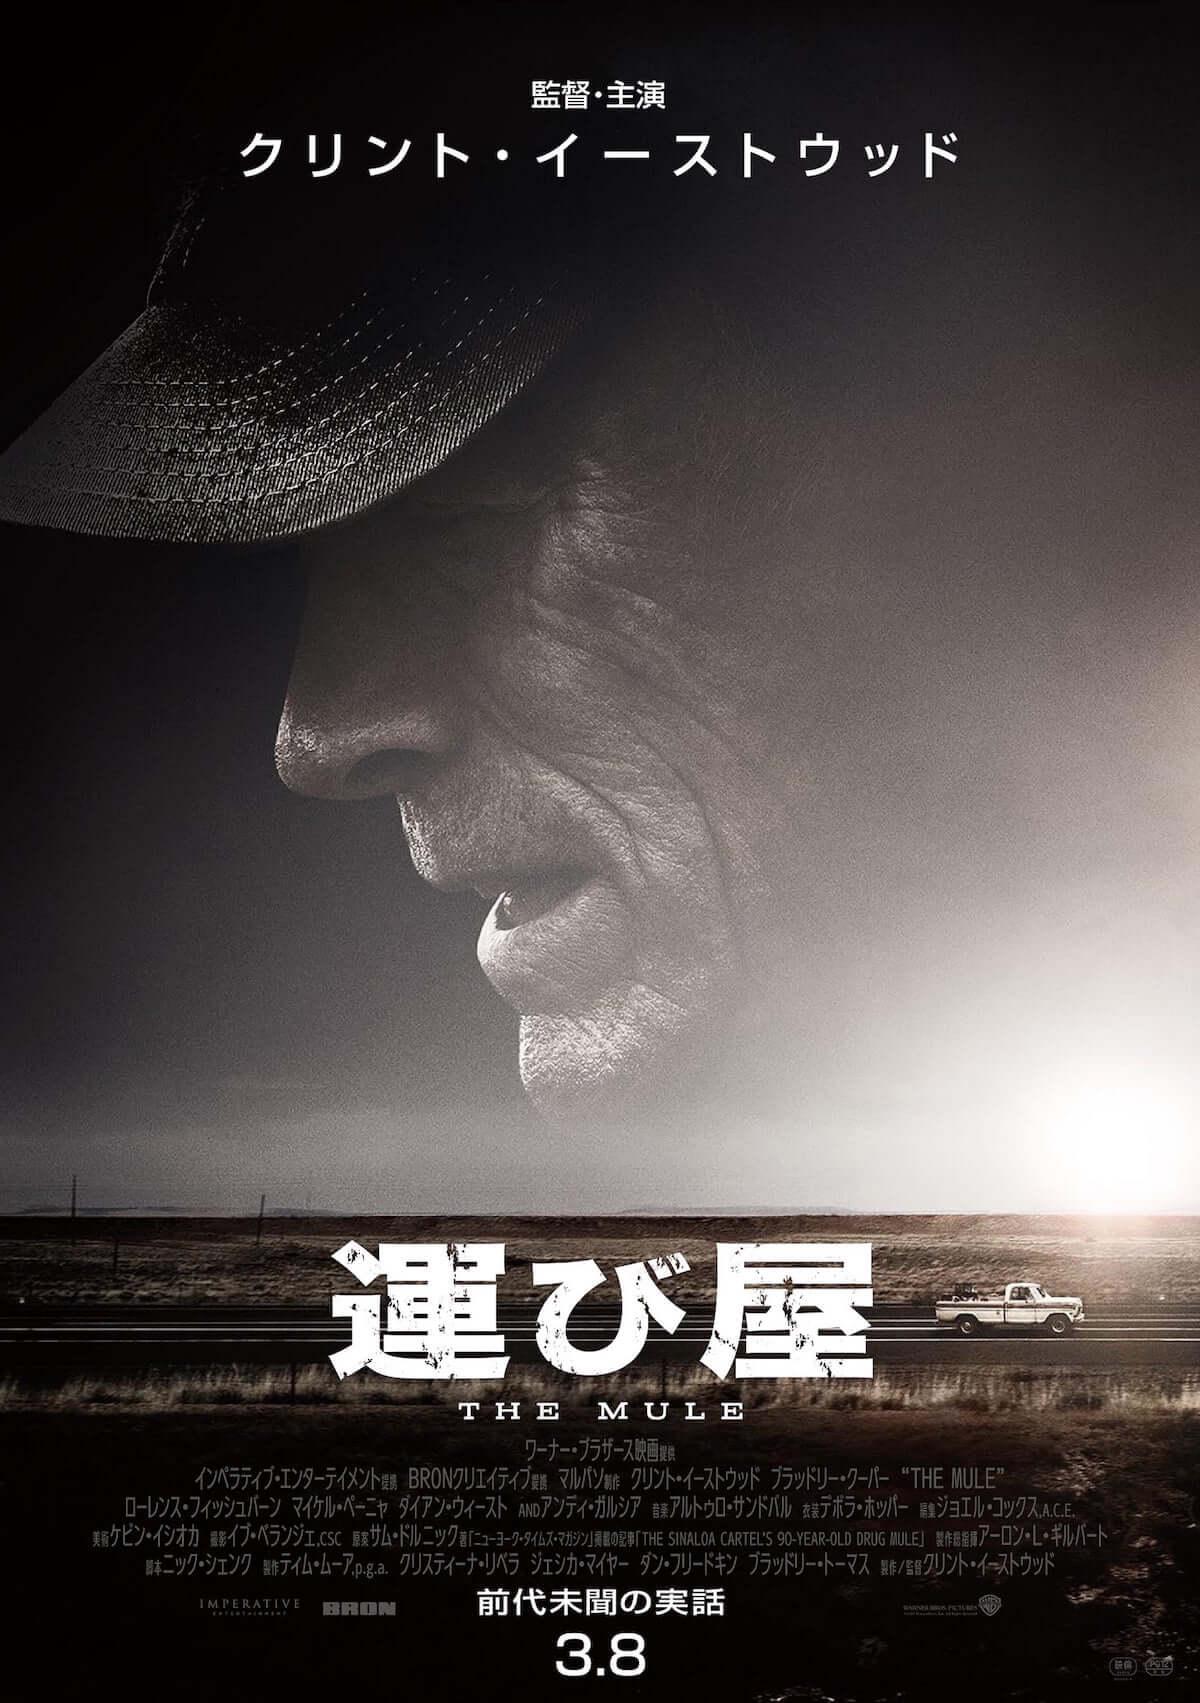 アントマンの相棒マイケル・ペーニャが映画『運び屋』に出演。次はブラッドリー・クーパーの相棒に film190113-themule-01-1200x1703